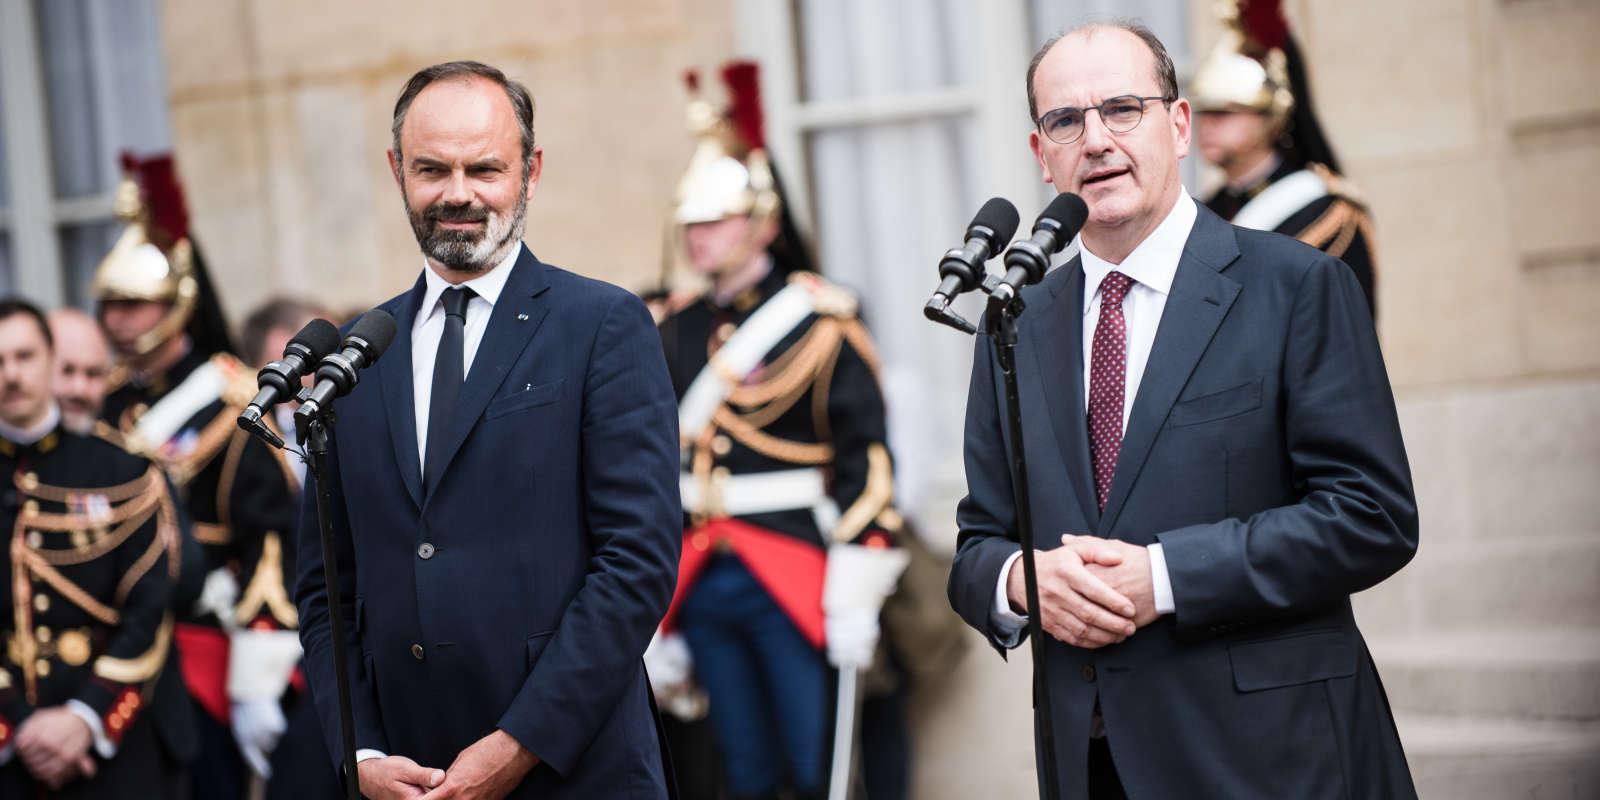 Passation de pouvoirs a Matignon. Le nouveau Premier ministre Jean Castex prend la parole a la suite du premier ministre sortant Edouard Philippe.